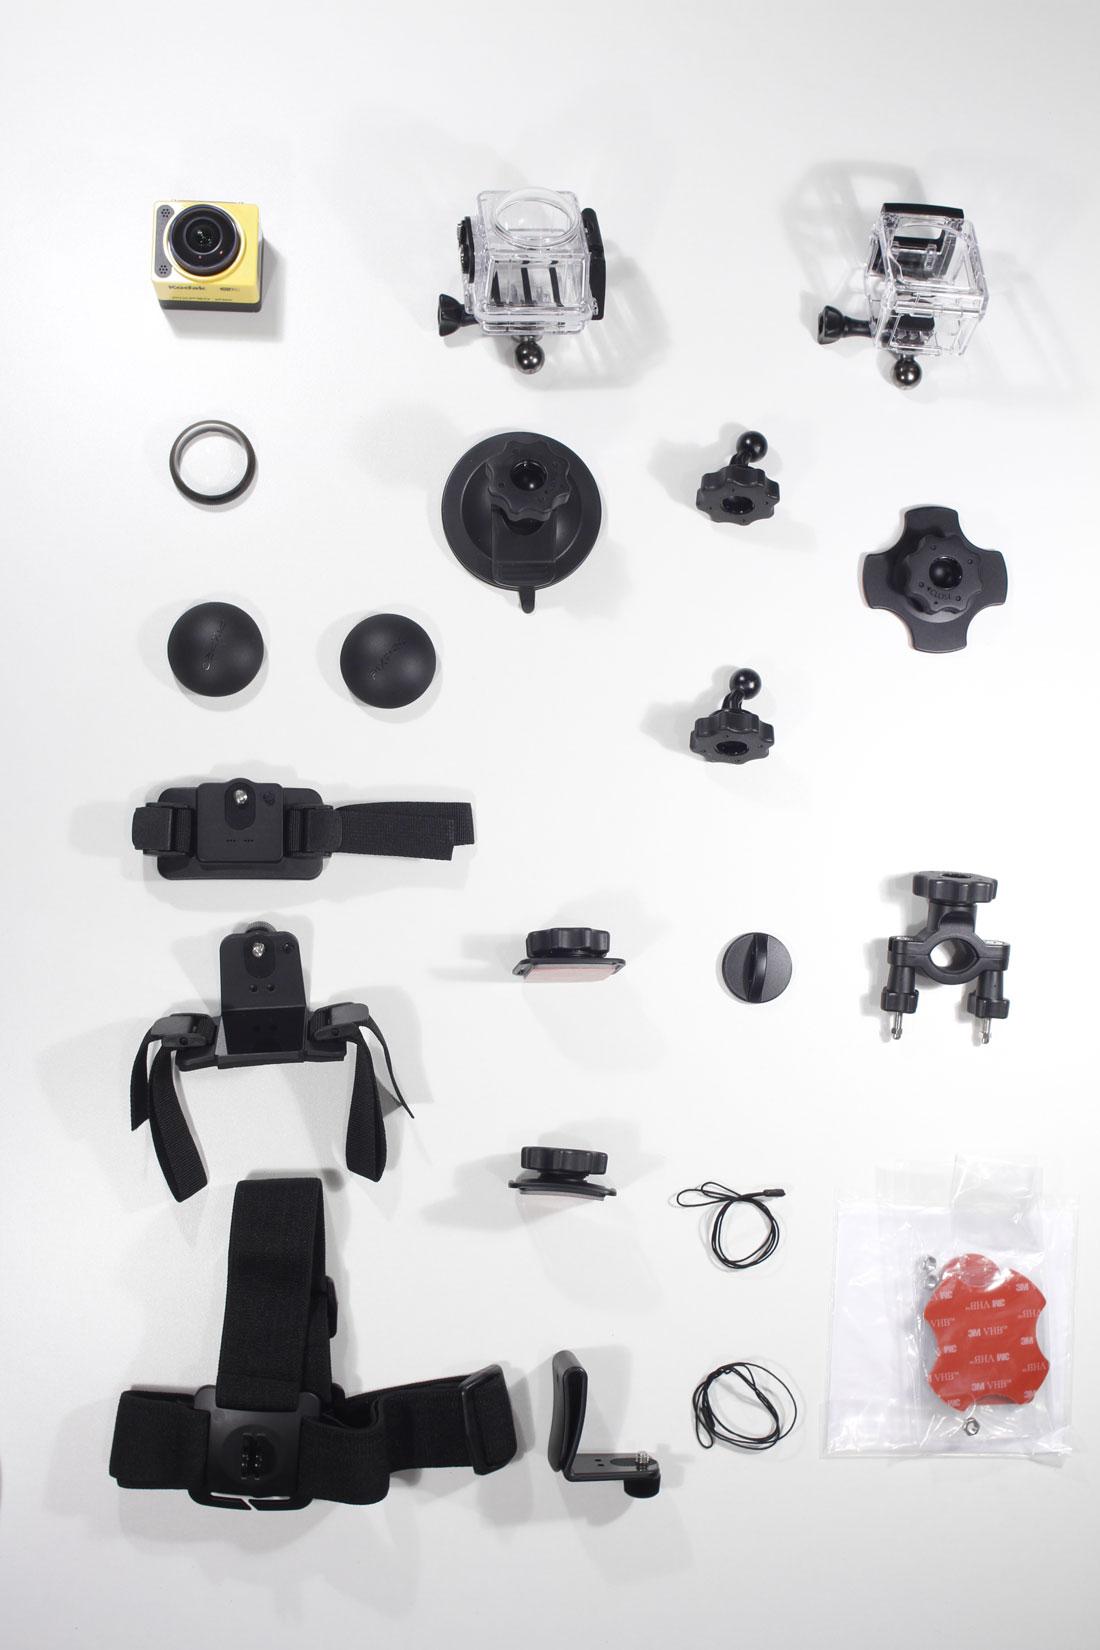 L'action cam Kodak Pixpro SP360 et les accessoires du Pack Extreme, 2014, Ph. Moctar KANE.